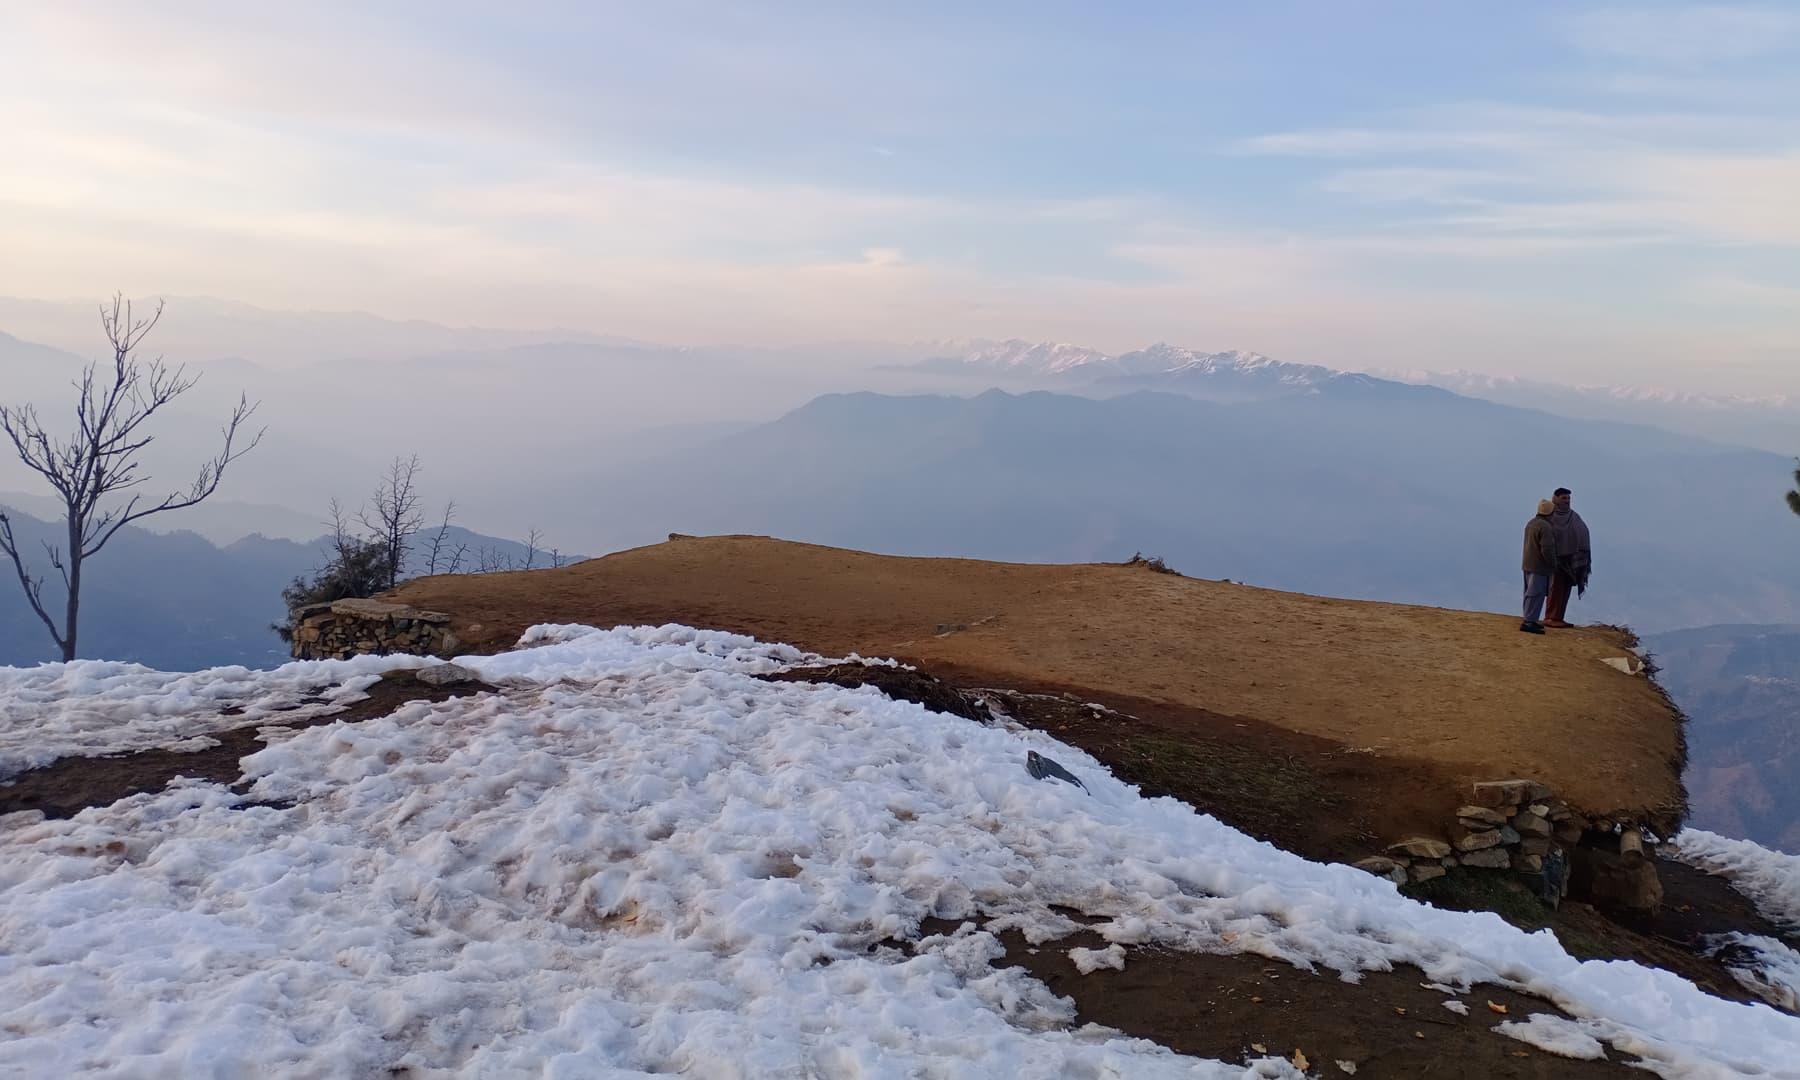 وادی لڑم اپنی خوبصورتی اور موسم کے لحاظ سے ملک کے شمالی علاقہ جات سے کم نہیں—عظمت اکبر